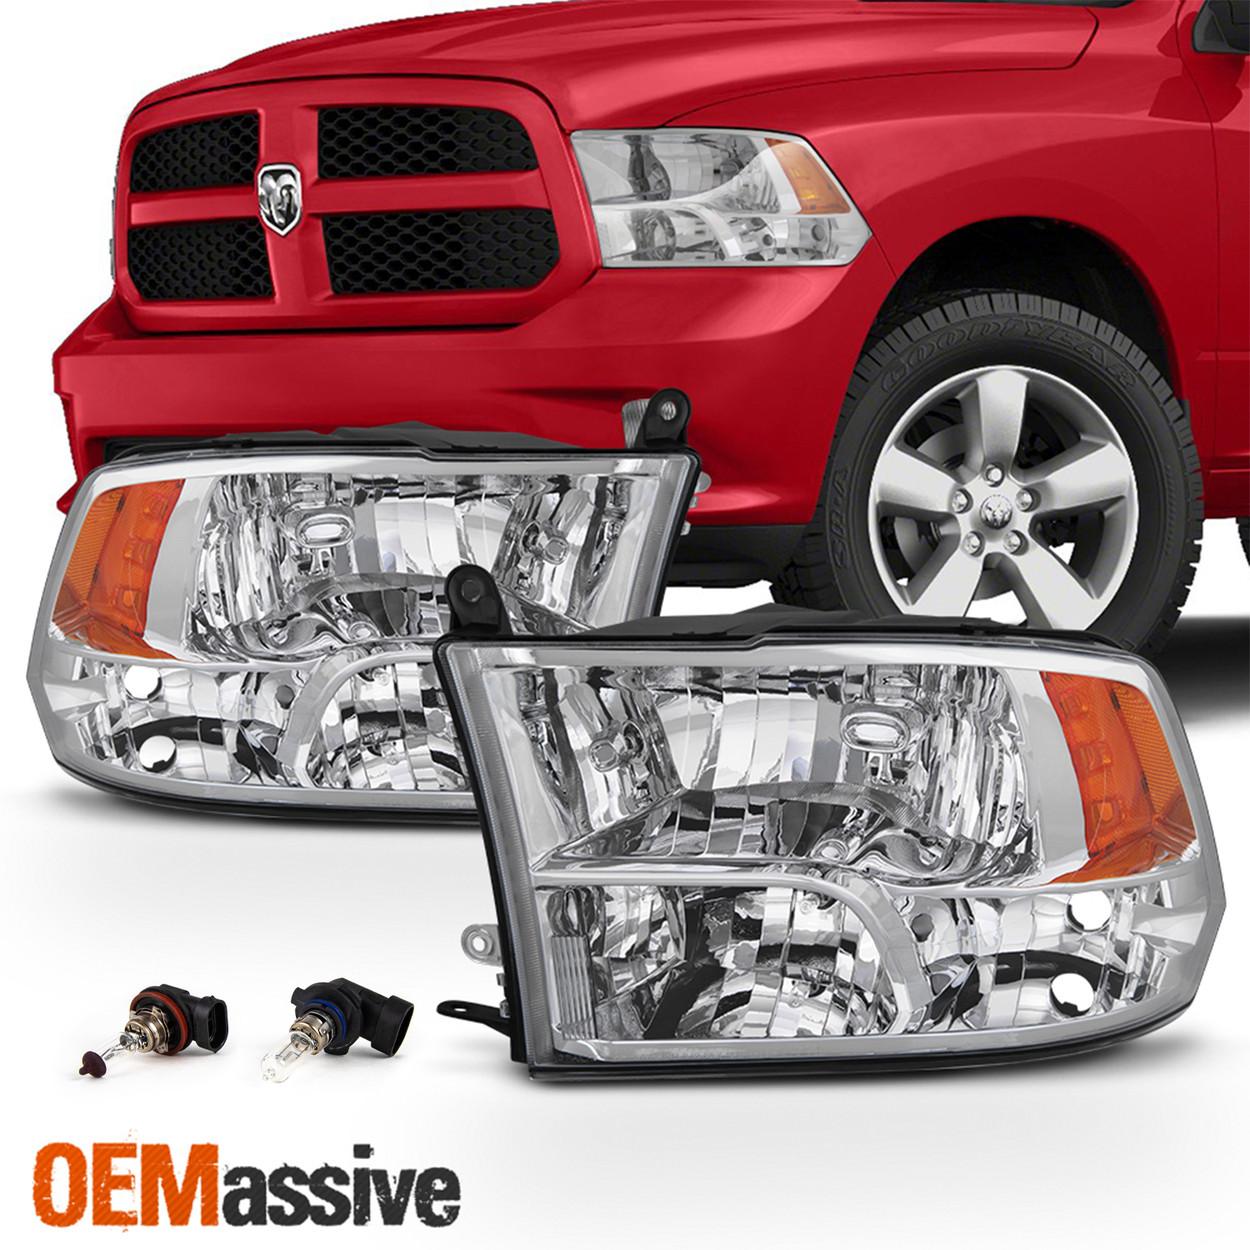 Fits 2009 2018 Dodge Ram 1500 2010 2018 2500 3500 Quad Style Headlights Lamps Oemassive